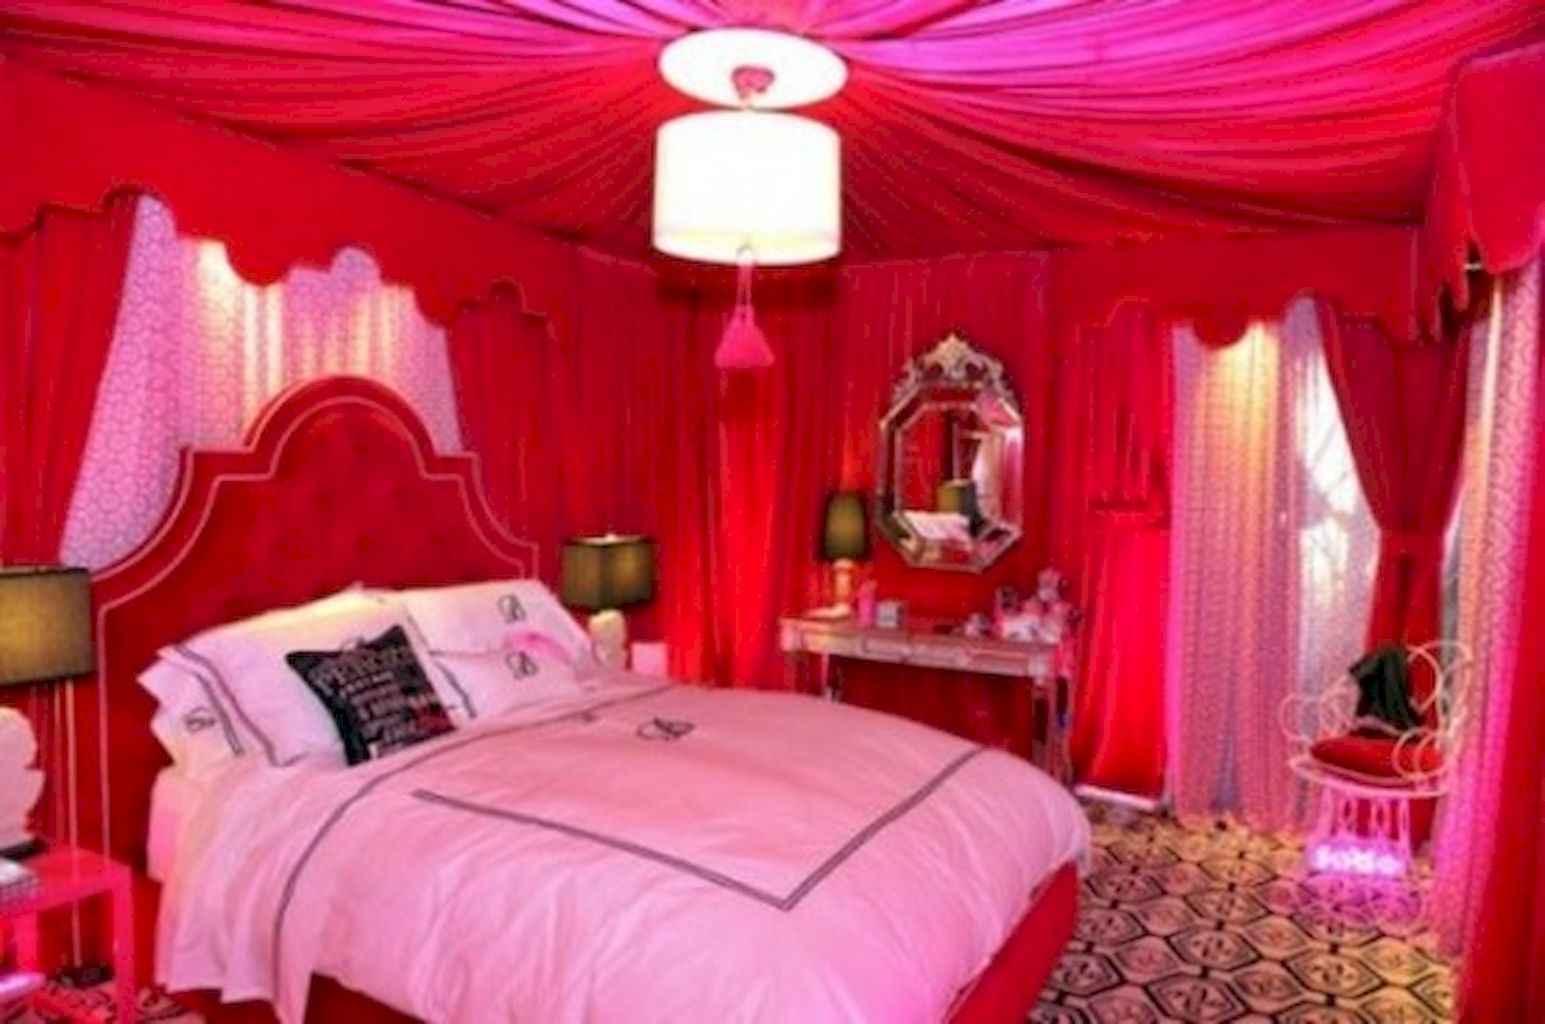 50 Romantic Valentine Bedroom Decor Ideas (33)